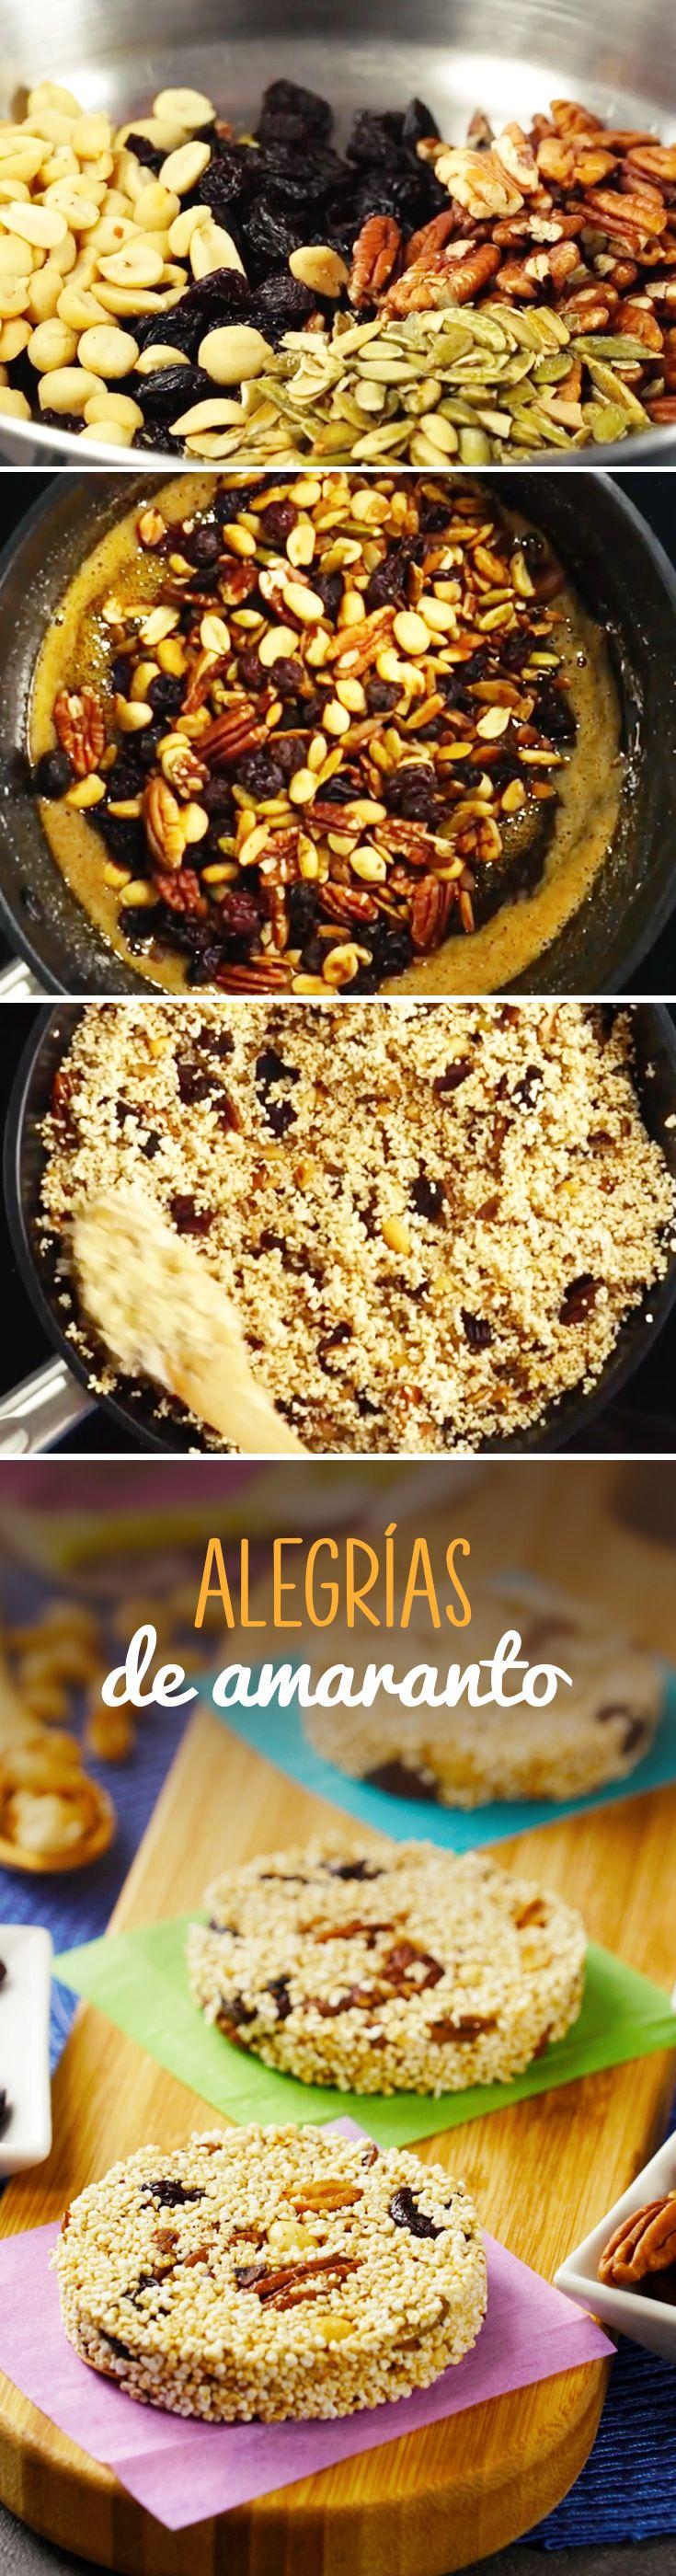 Alegrías de amaranto mexicanas fáciles de hacer en casa. Este dulce de amaranto con semillas y frutos secos es un postre saludable y ligero que podrás comer en #cuaresma o #pascua